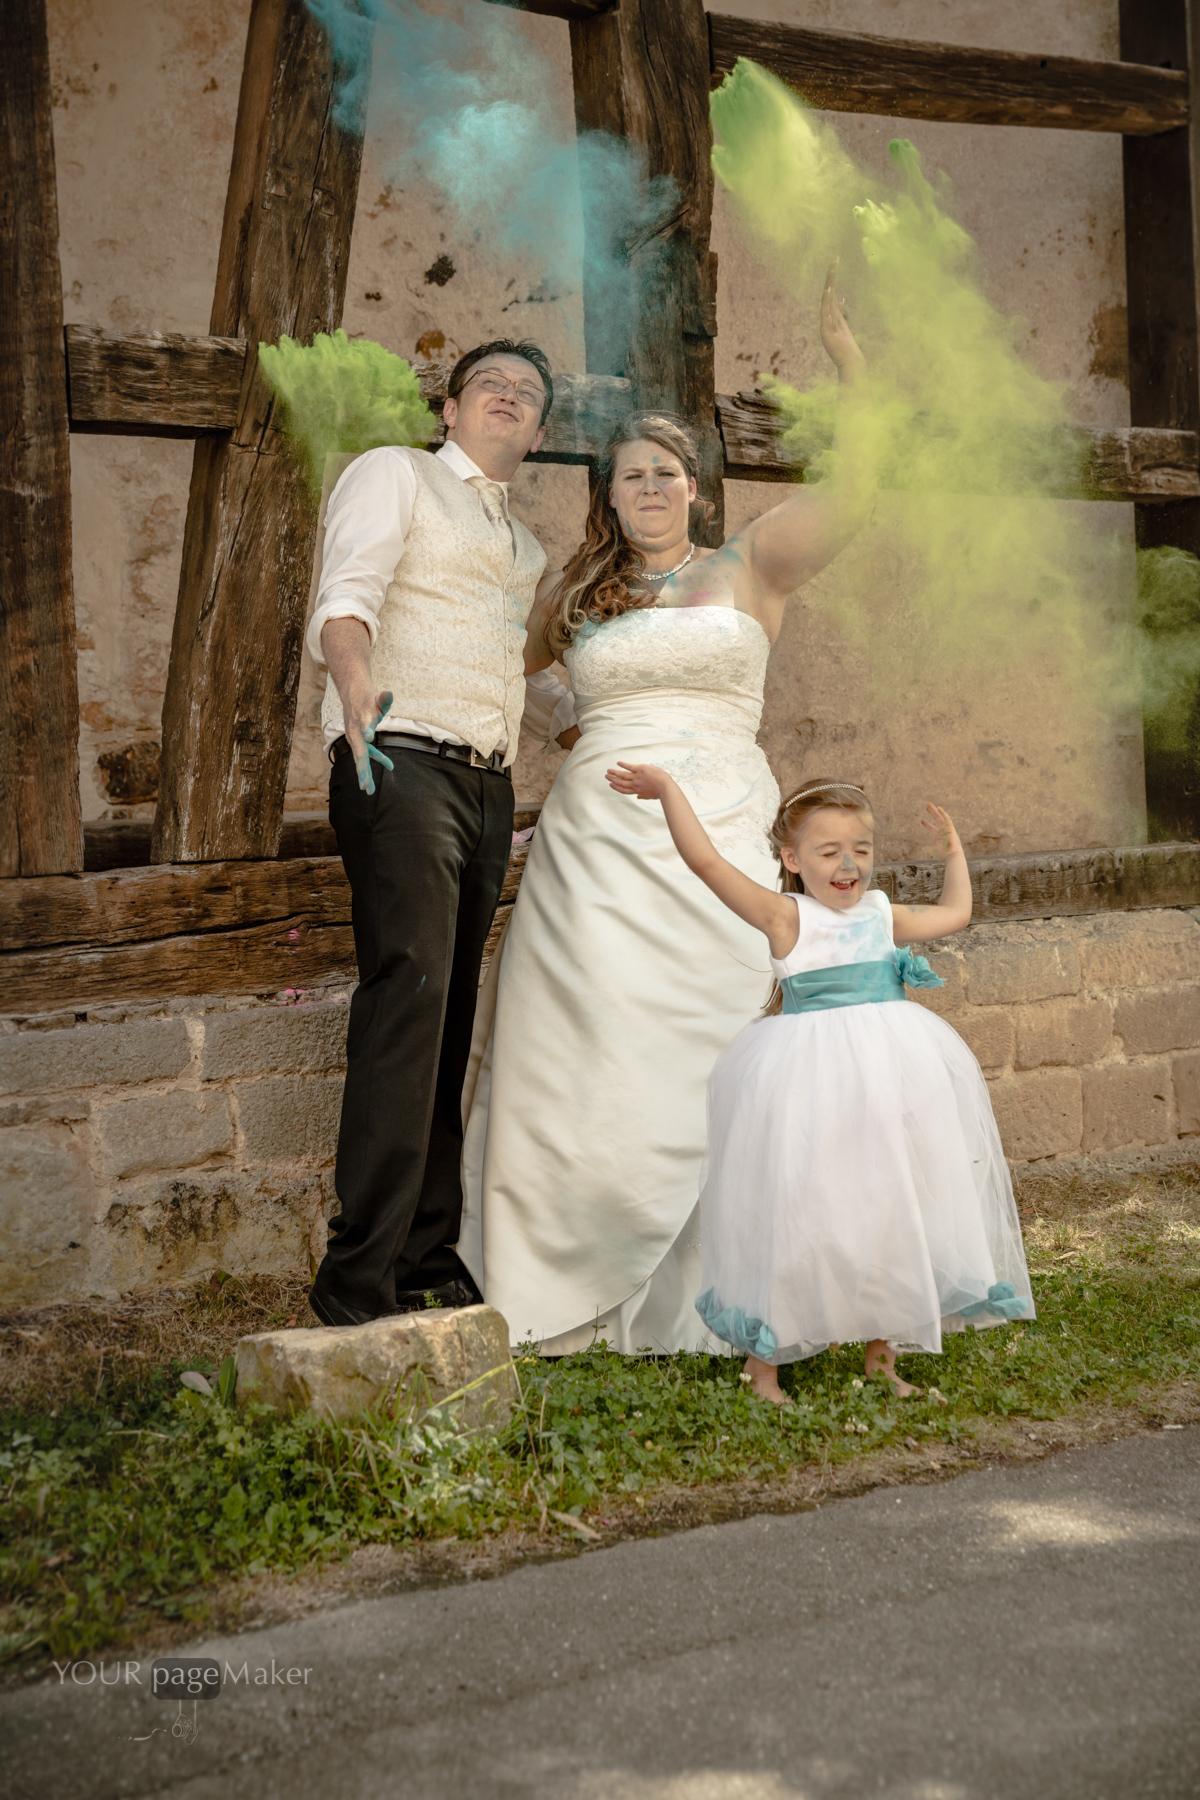 Hochzeitfotografiefotografie by YOURpageMaker